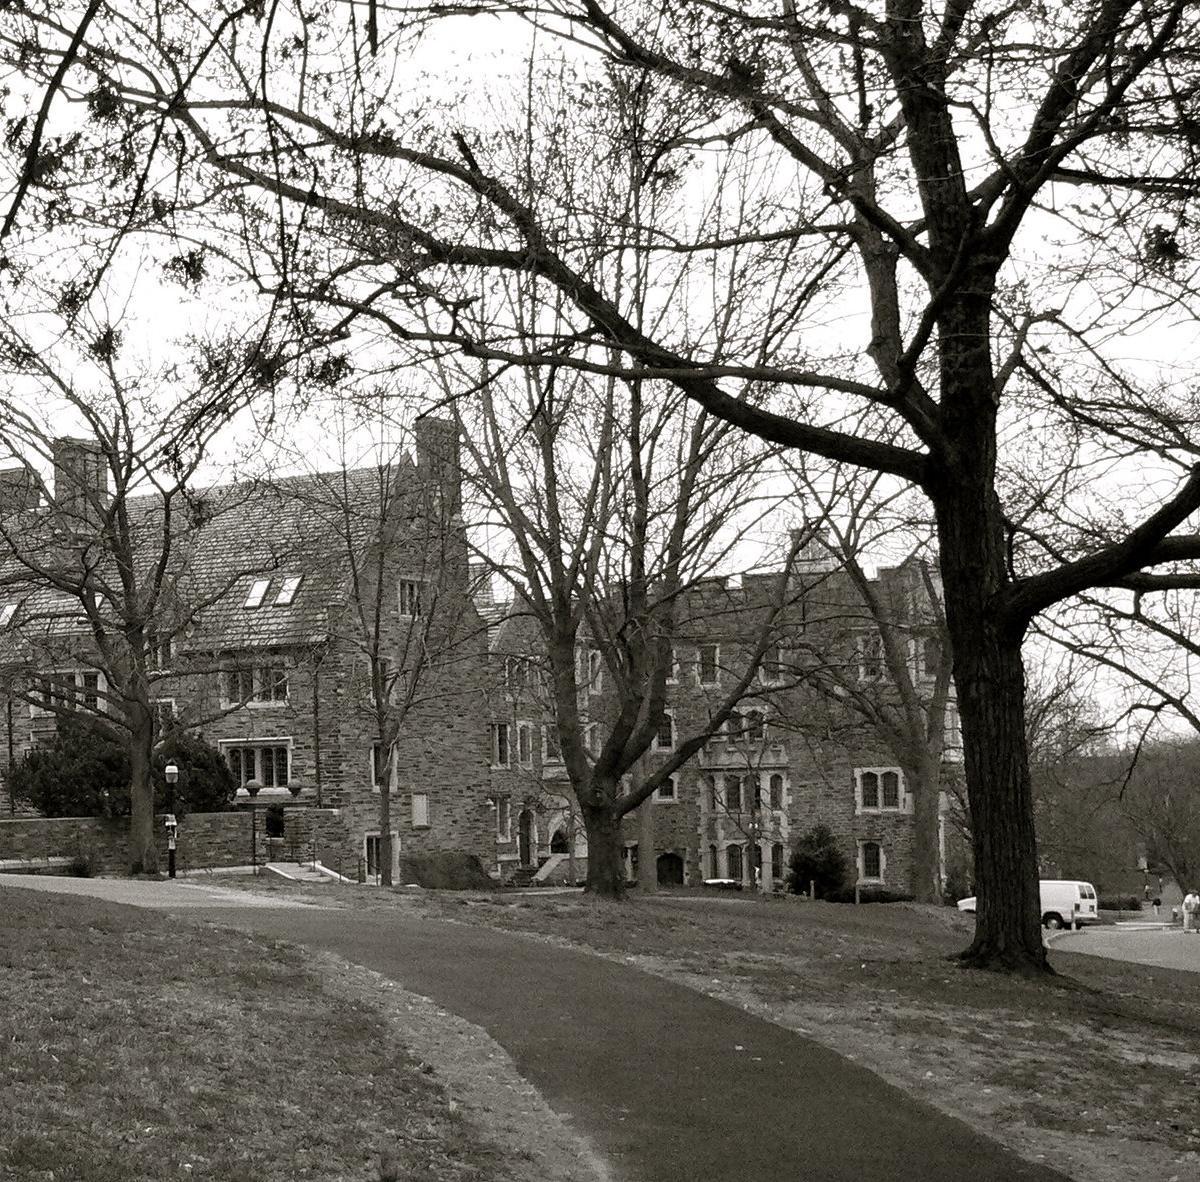 Outras razões para remover o nome de Wilson em Princeton 2